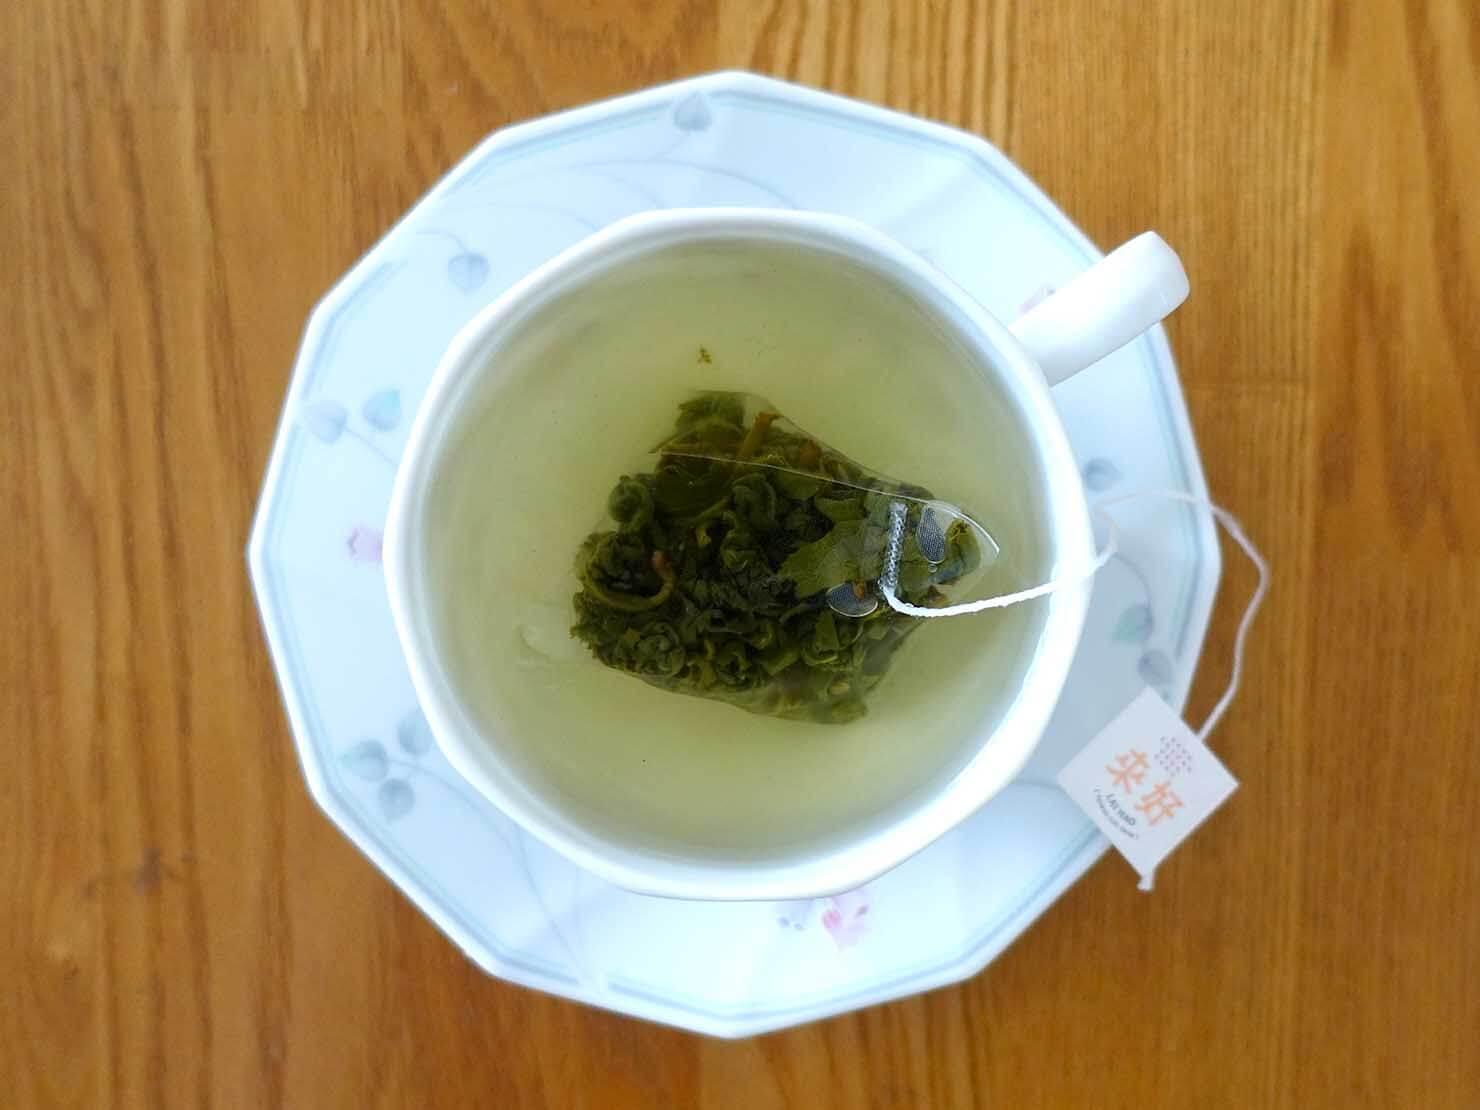 台北・永康街のおすすめおみやげショップ「來好 LAIHAO」で買った高山烏龍茶